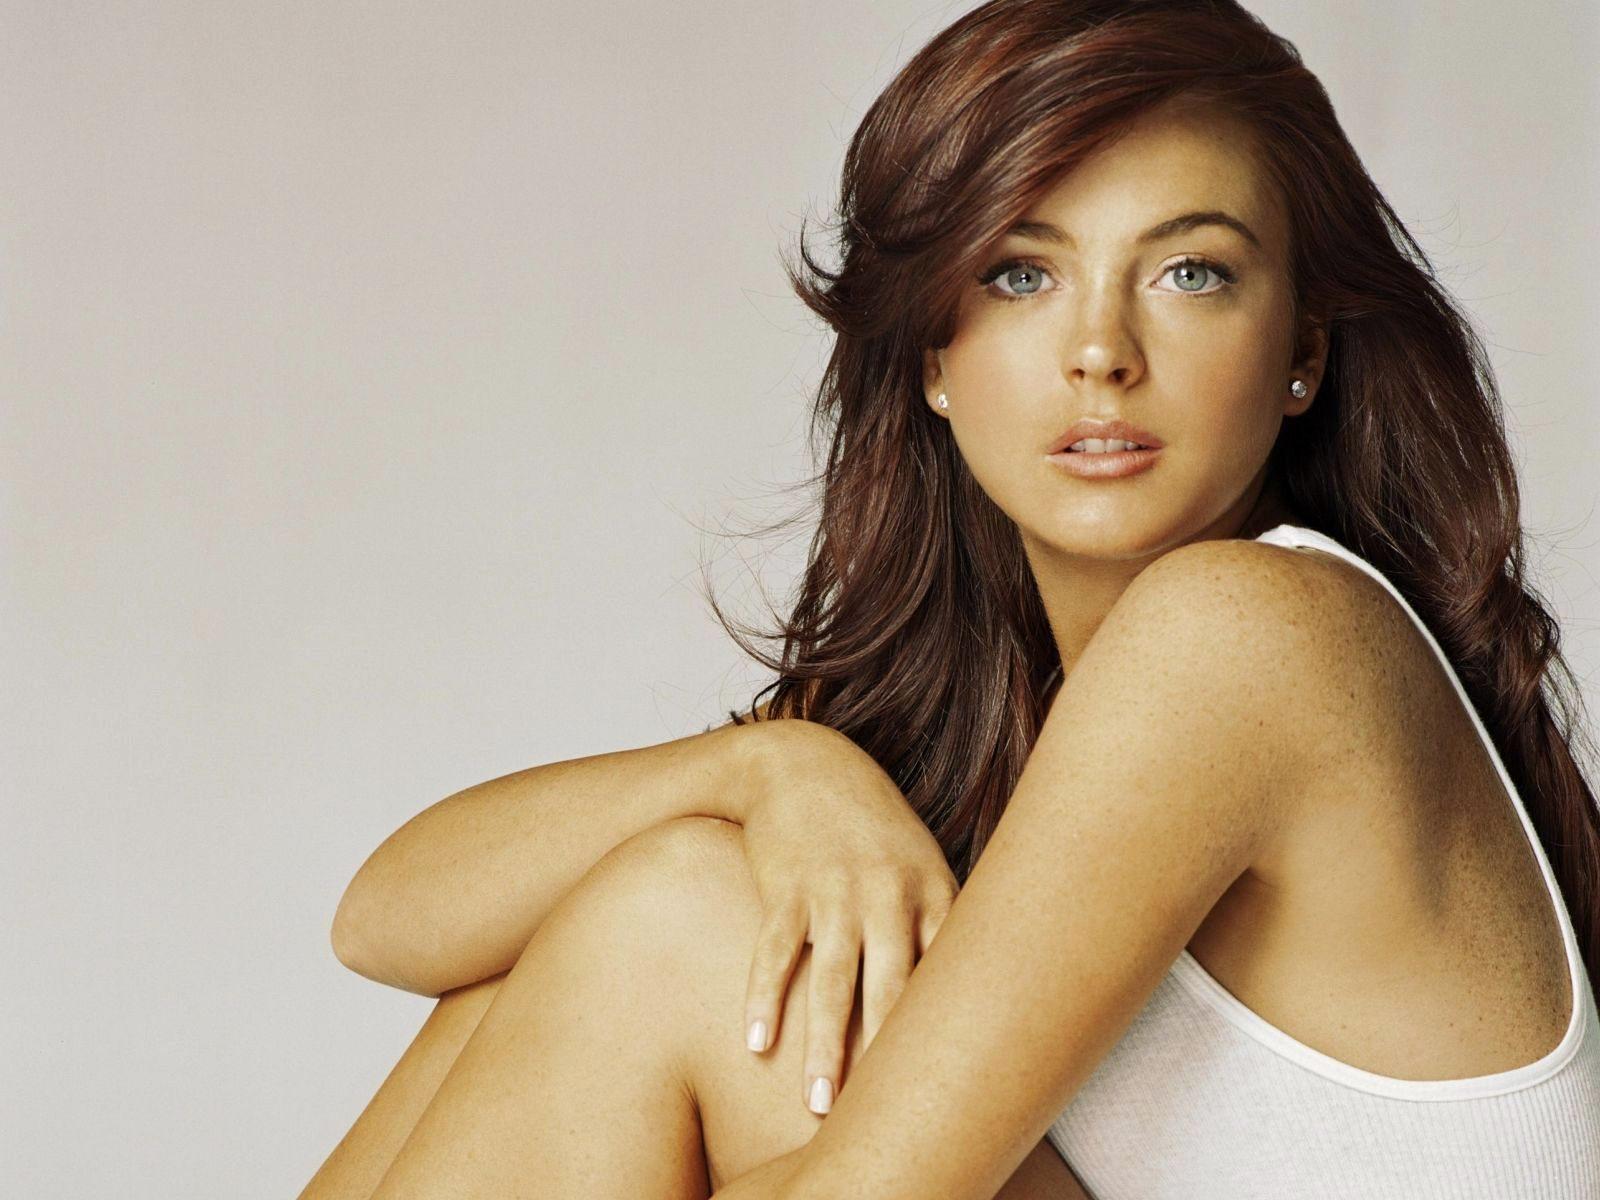 http://4.bp.blogspot.com/-KUqsSffzAu4/UOU-6uON6-I/AAAAAAAAZbs/Q7ToVQ-qAag/s1600/2522-celebrity_lindsay_lohan_wallpaper.jpg